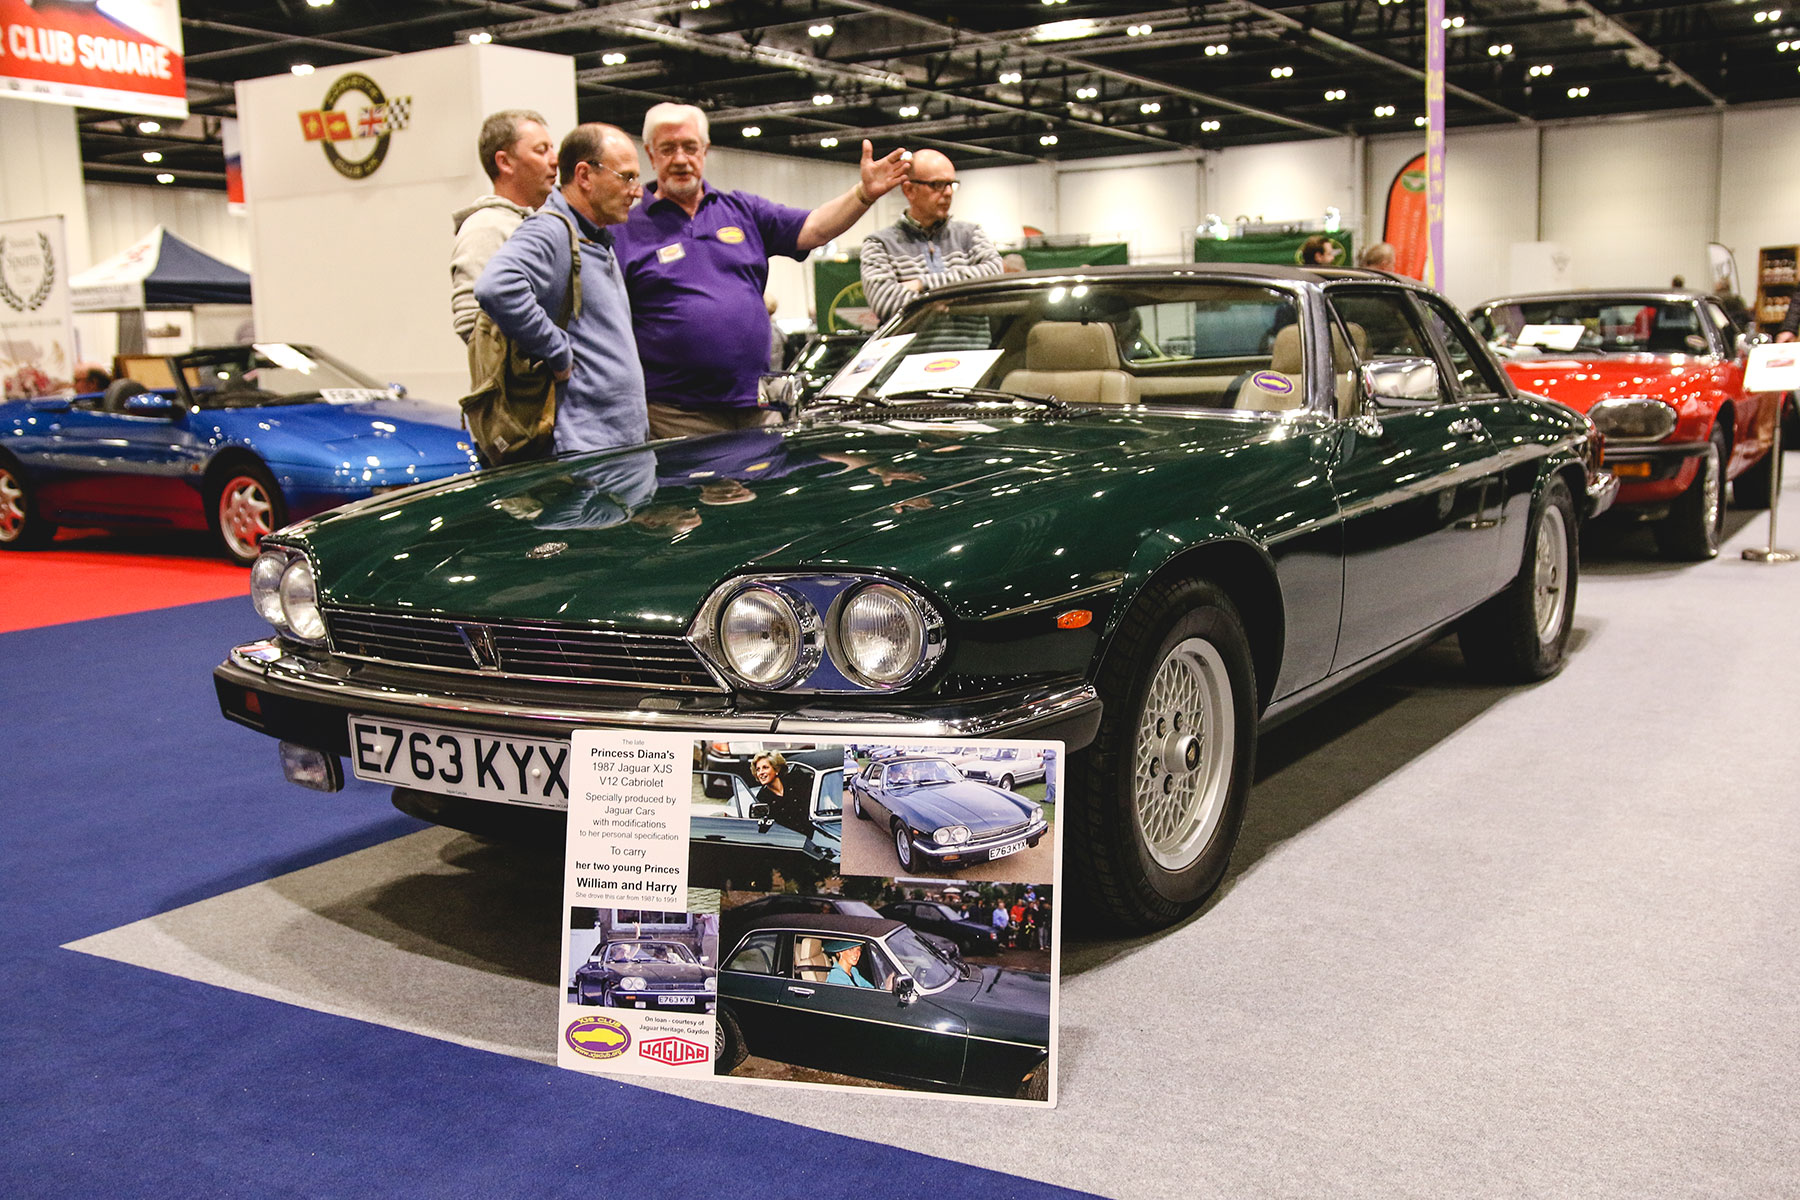 Princess Diana's Jaguar XJ-S